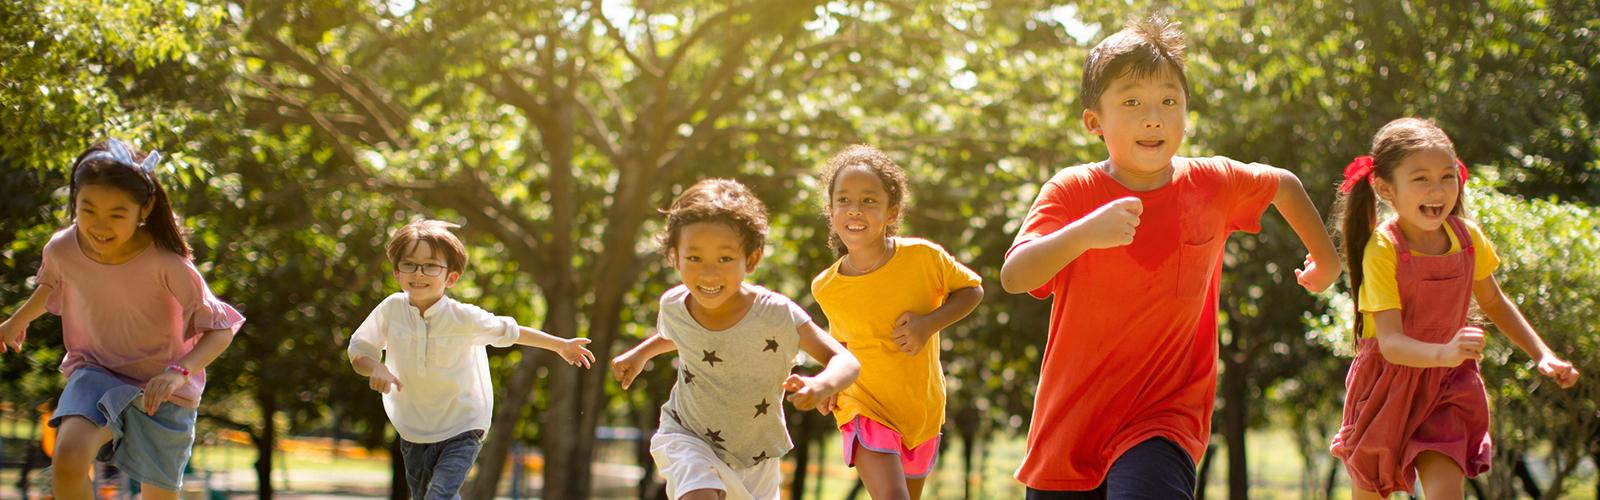 seis crianças correndo em um parque